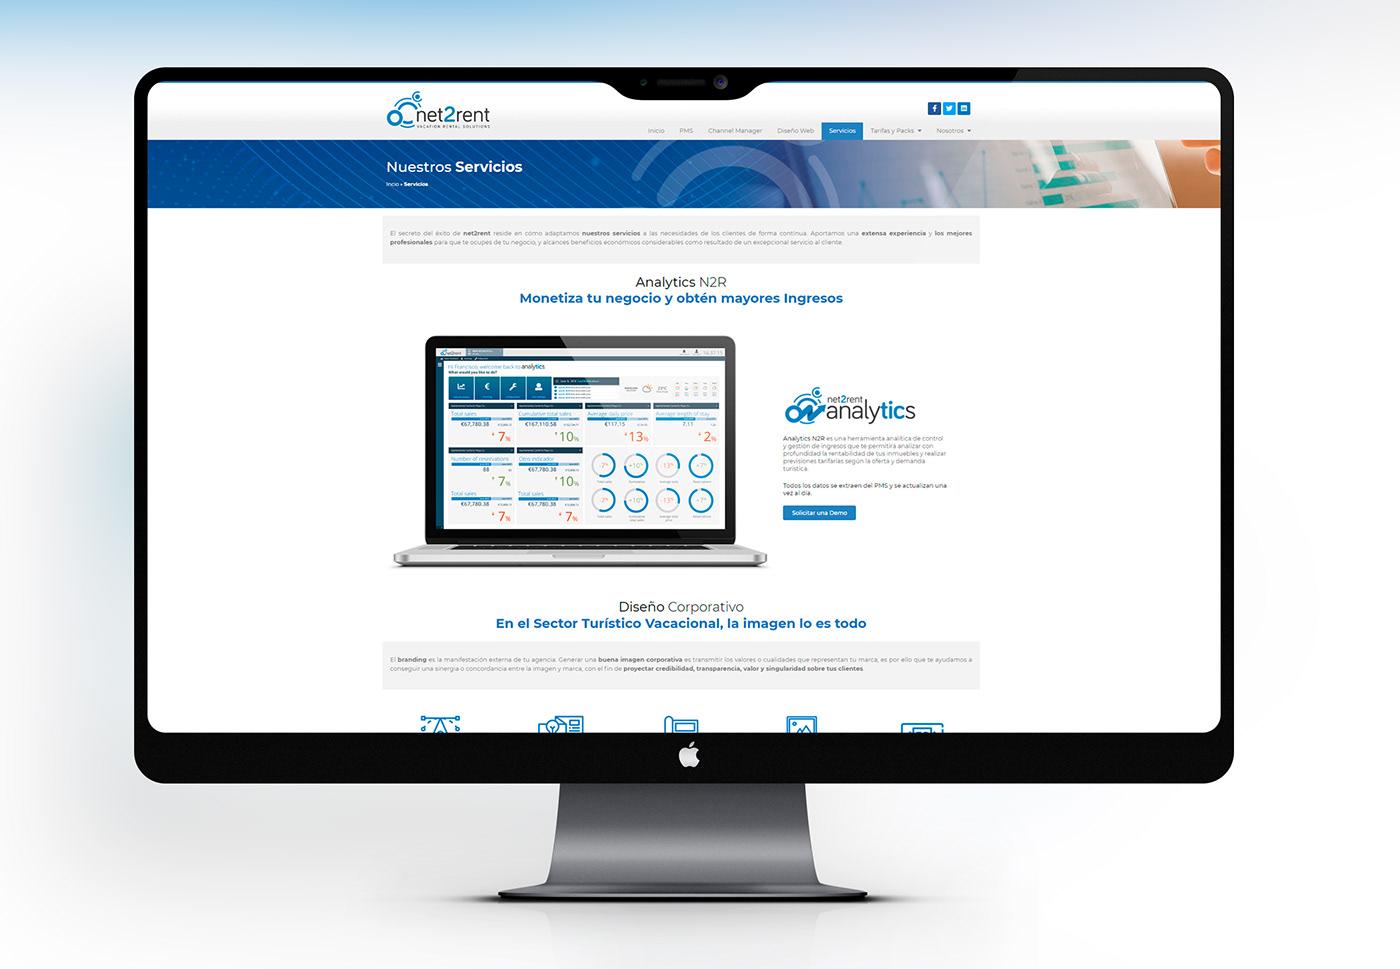 Image may contain: screenshot, computer monitor and computer